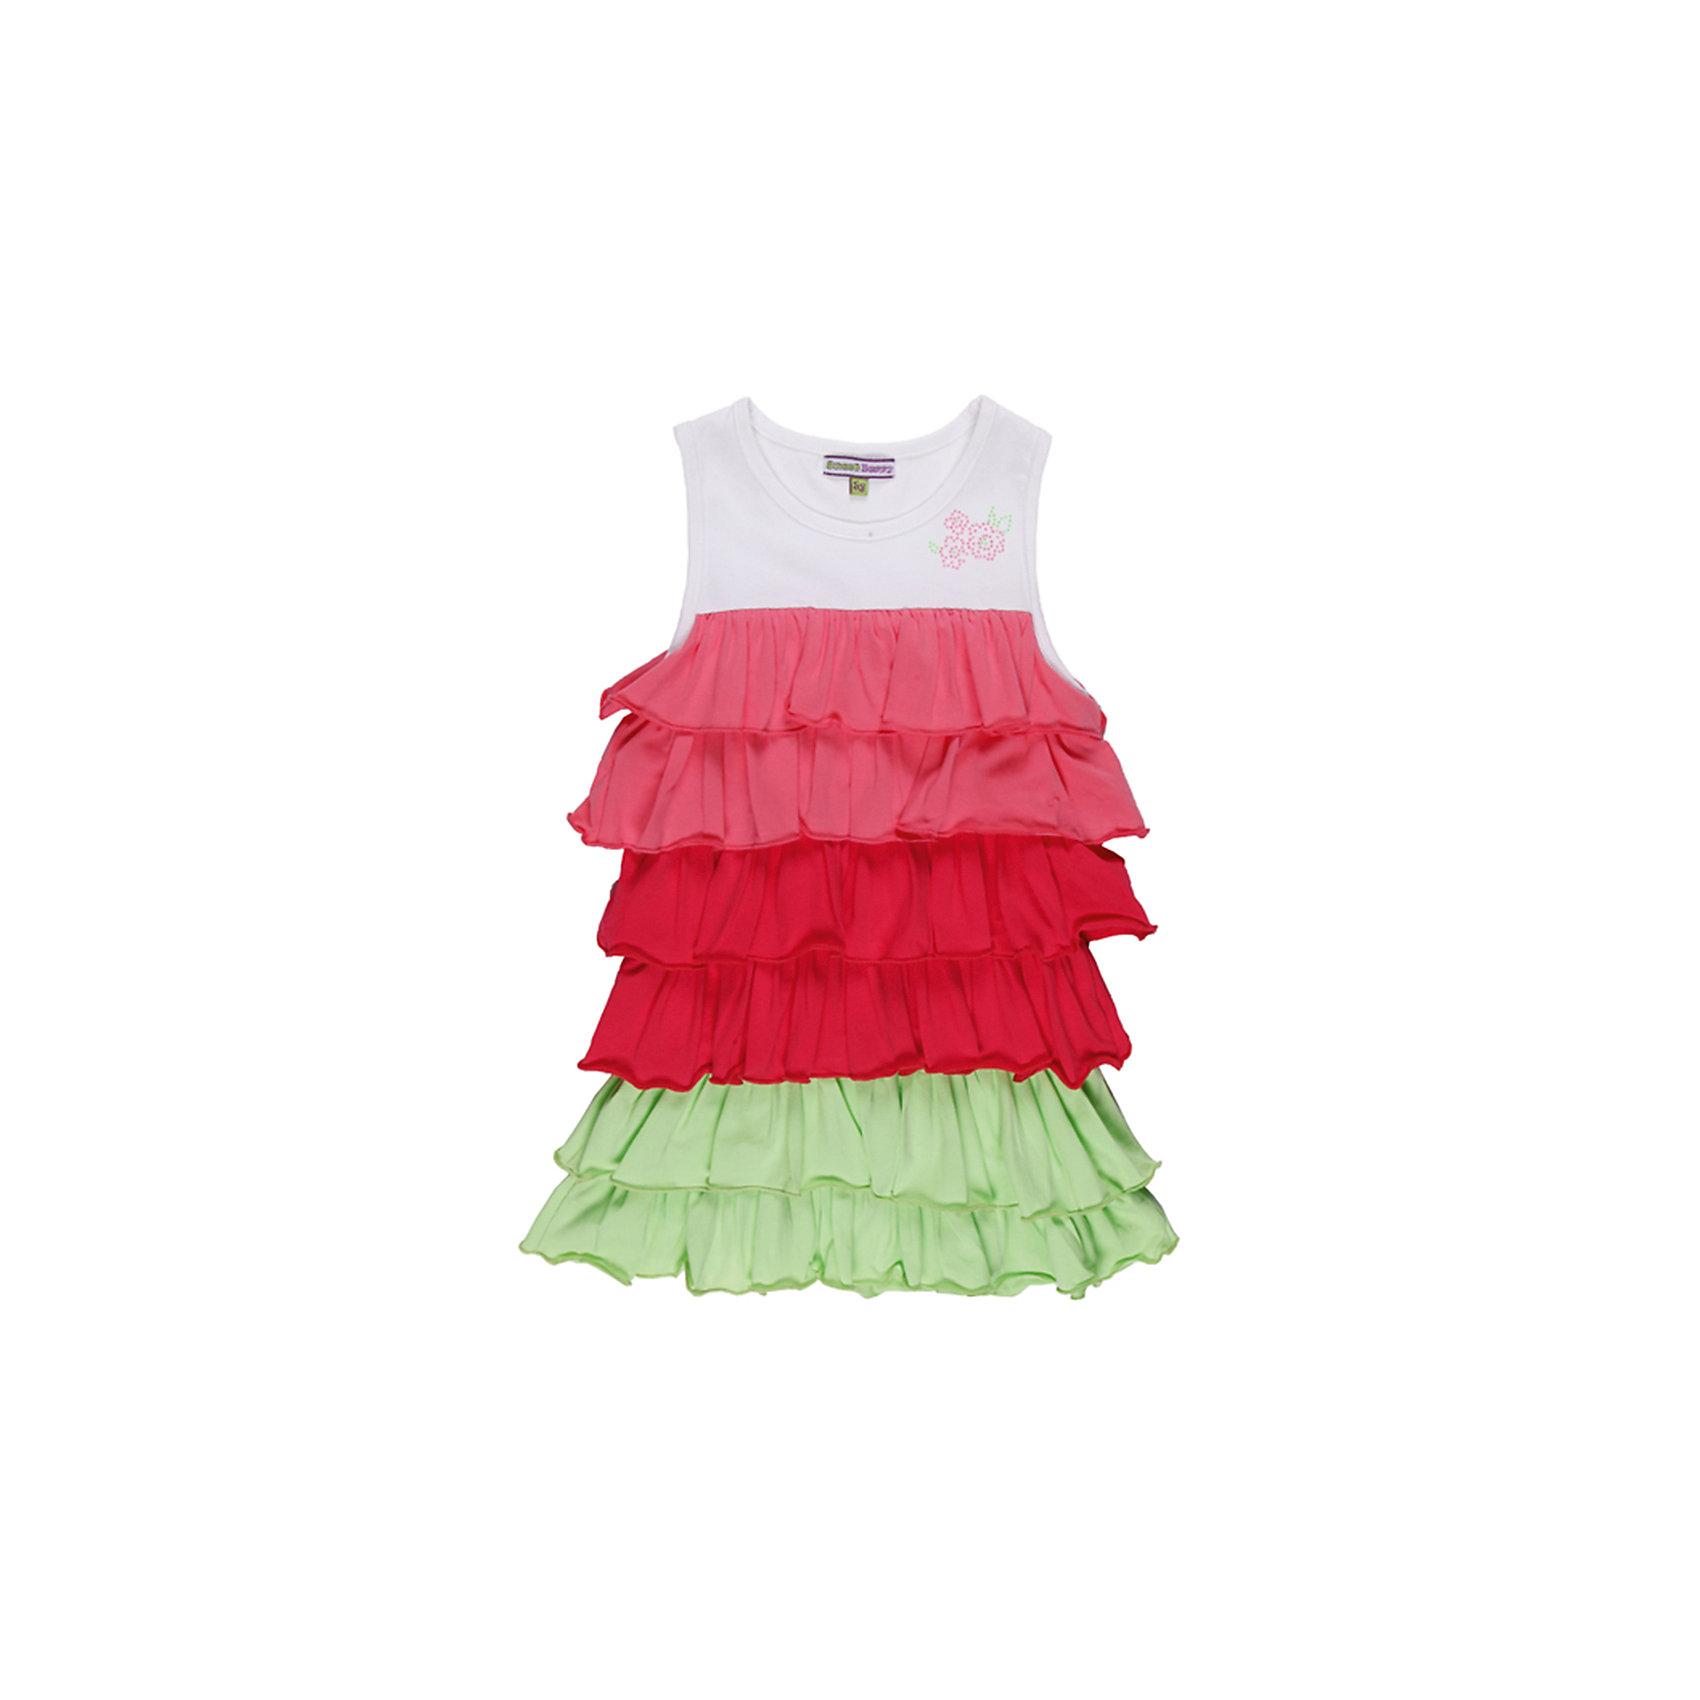 Платье для девочки Sweet BerryПлатья и сарафаны<br>Яркое трикотажное  платье с воланами. Декорировано узором из страз.<br>Состав:<br>95% хлопок, 5% эластан<br><br>Ширина мм: 236<br>Глубина мм: 16<br>Высота мм: 184<br>Вес г: 177<br>Цвет: бело-розовый<br>Возраст от месяцев: 24<br>Возраст до месяцев: 36<br>Пол: Женский<br>Возраст: Детский<br>Размер: 98,122,110,104,128,116<br>SKU: 4521325